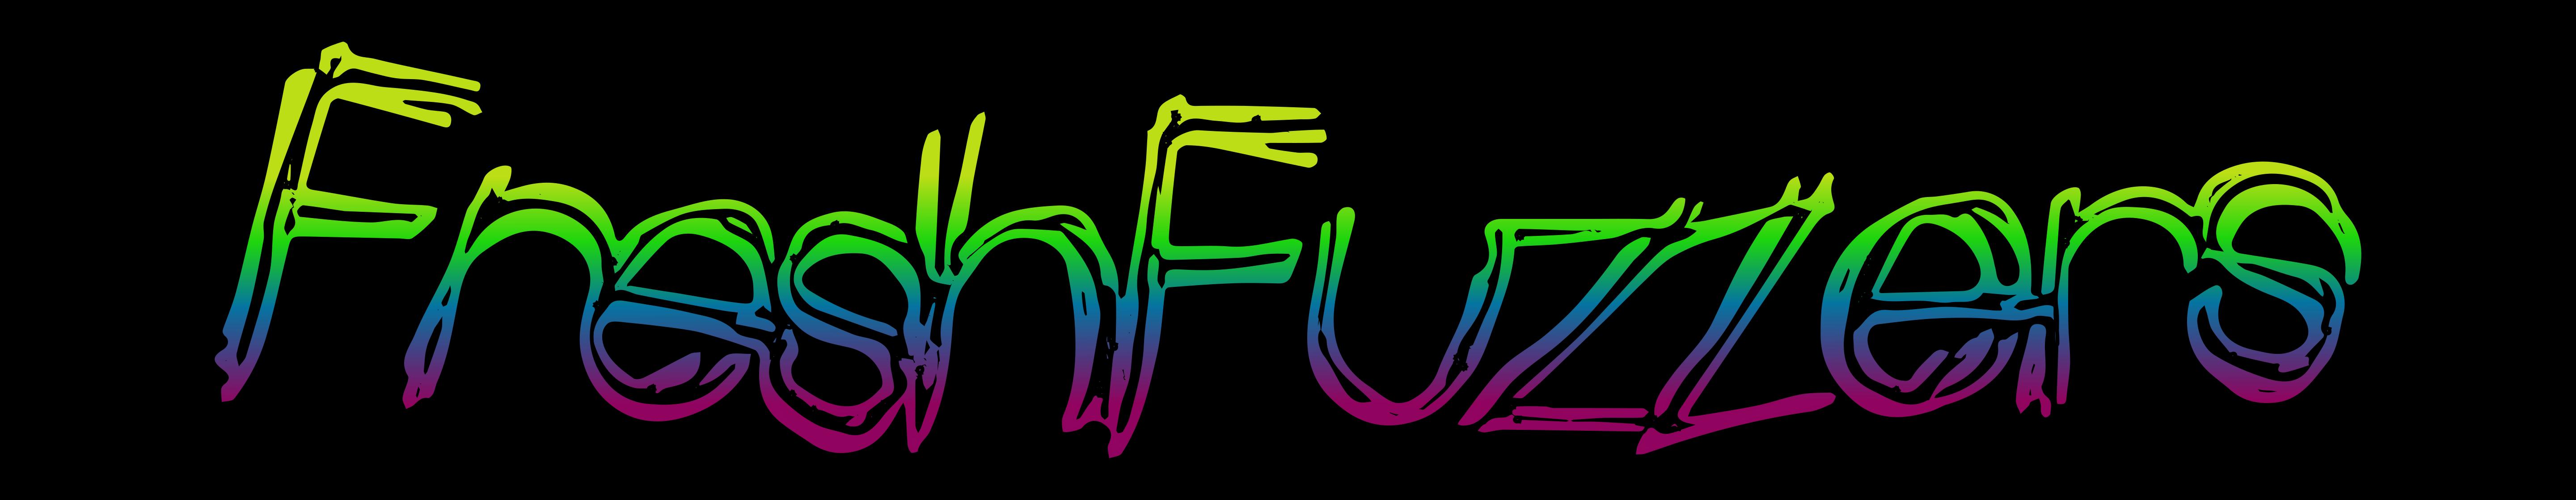 FzzR_logo